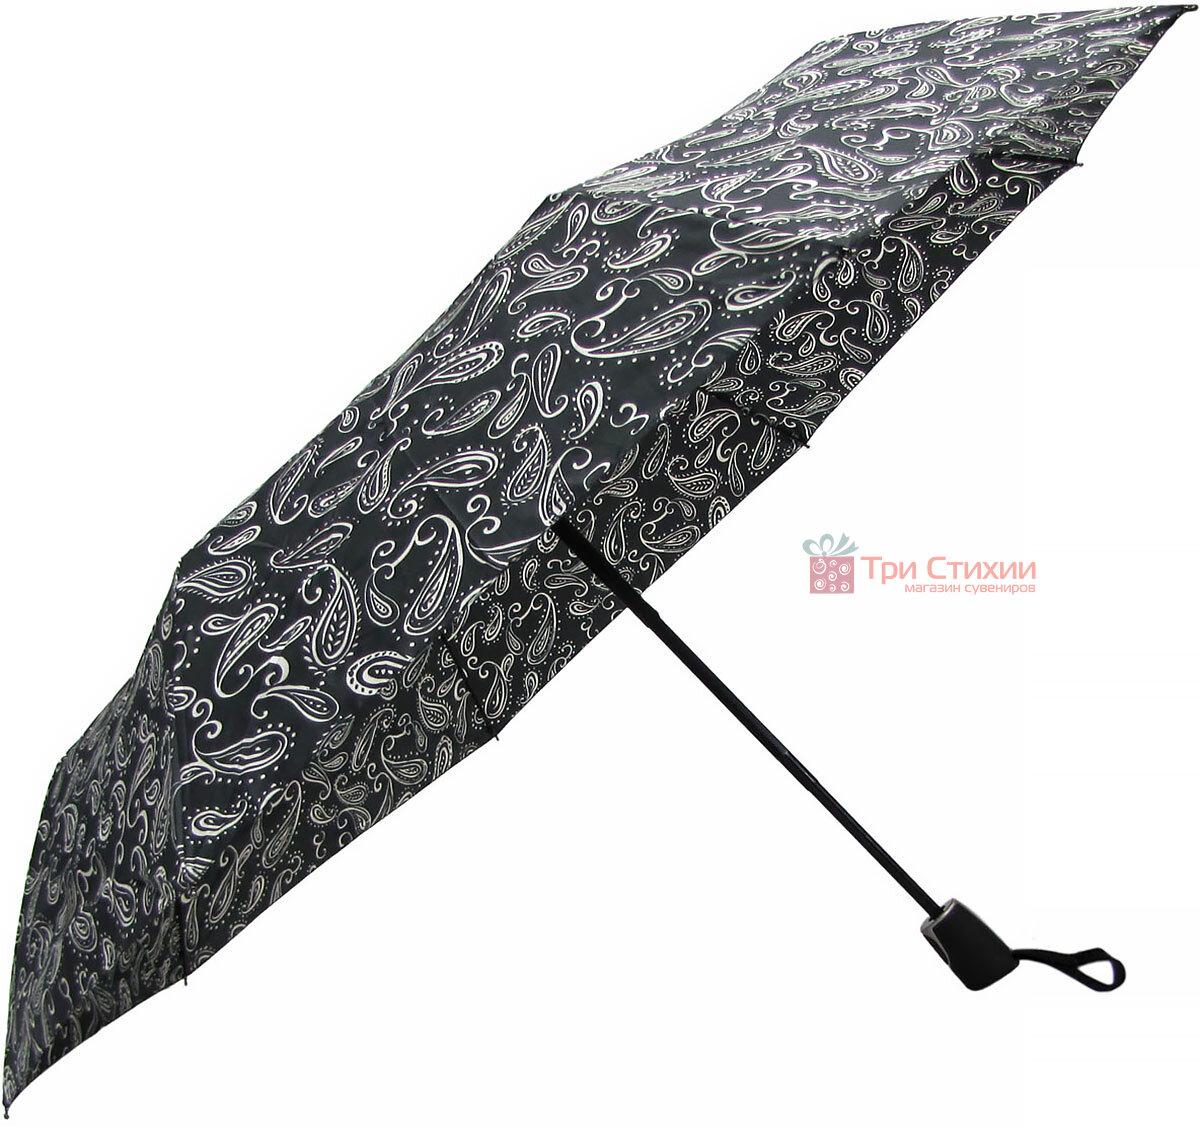 Зонт складной Doppler 7441465BW05 полный автомат Черно-белый, фото 3